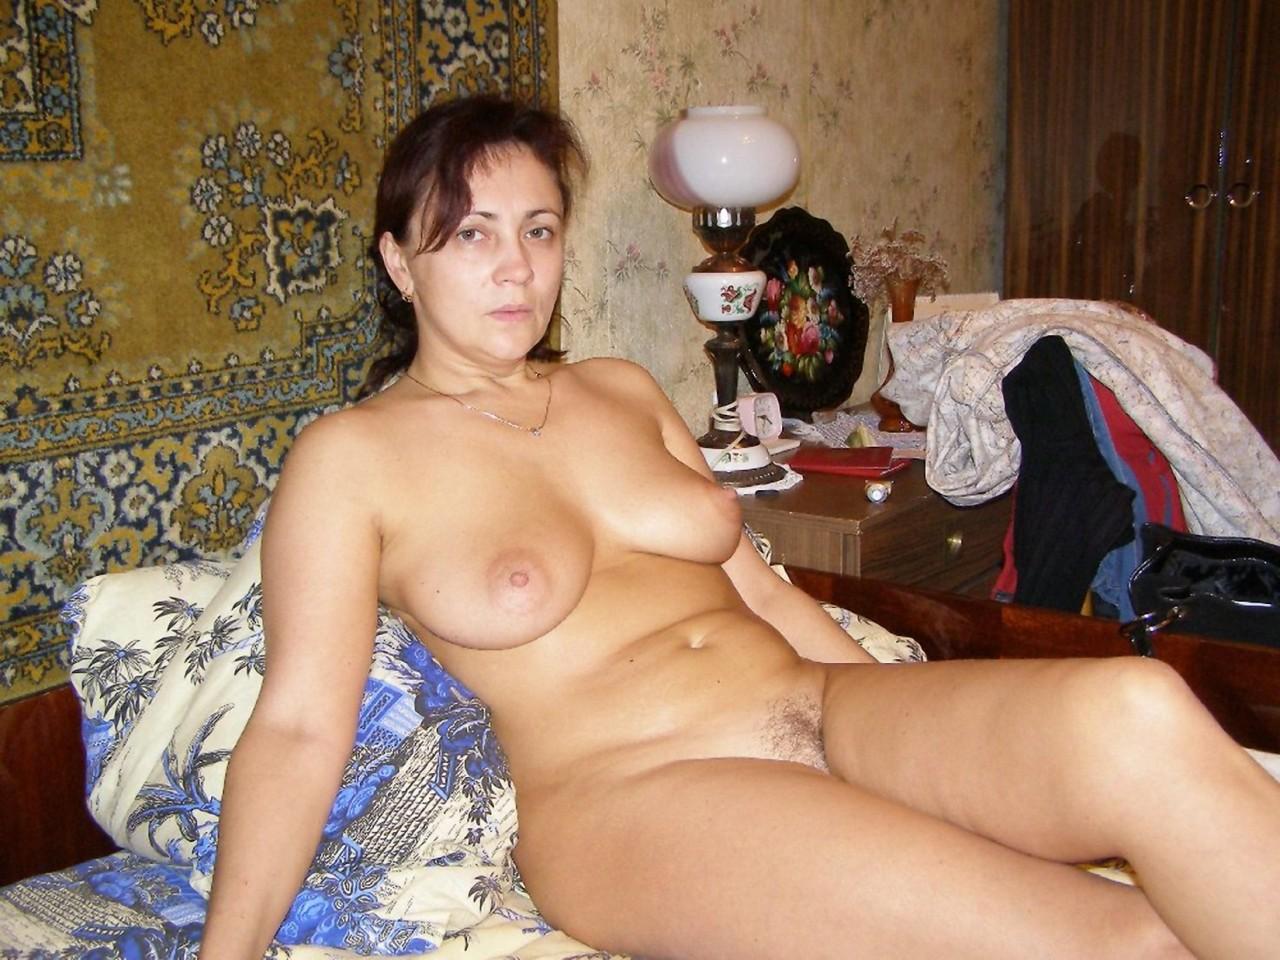 Порно фото похотливых женщин